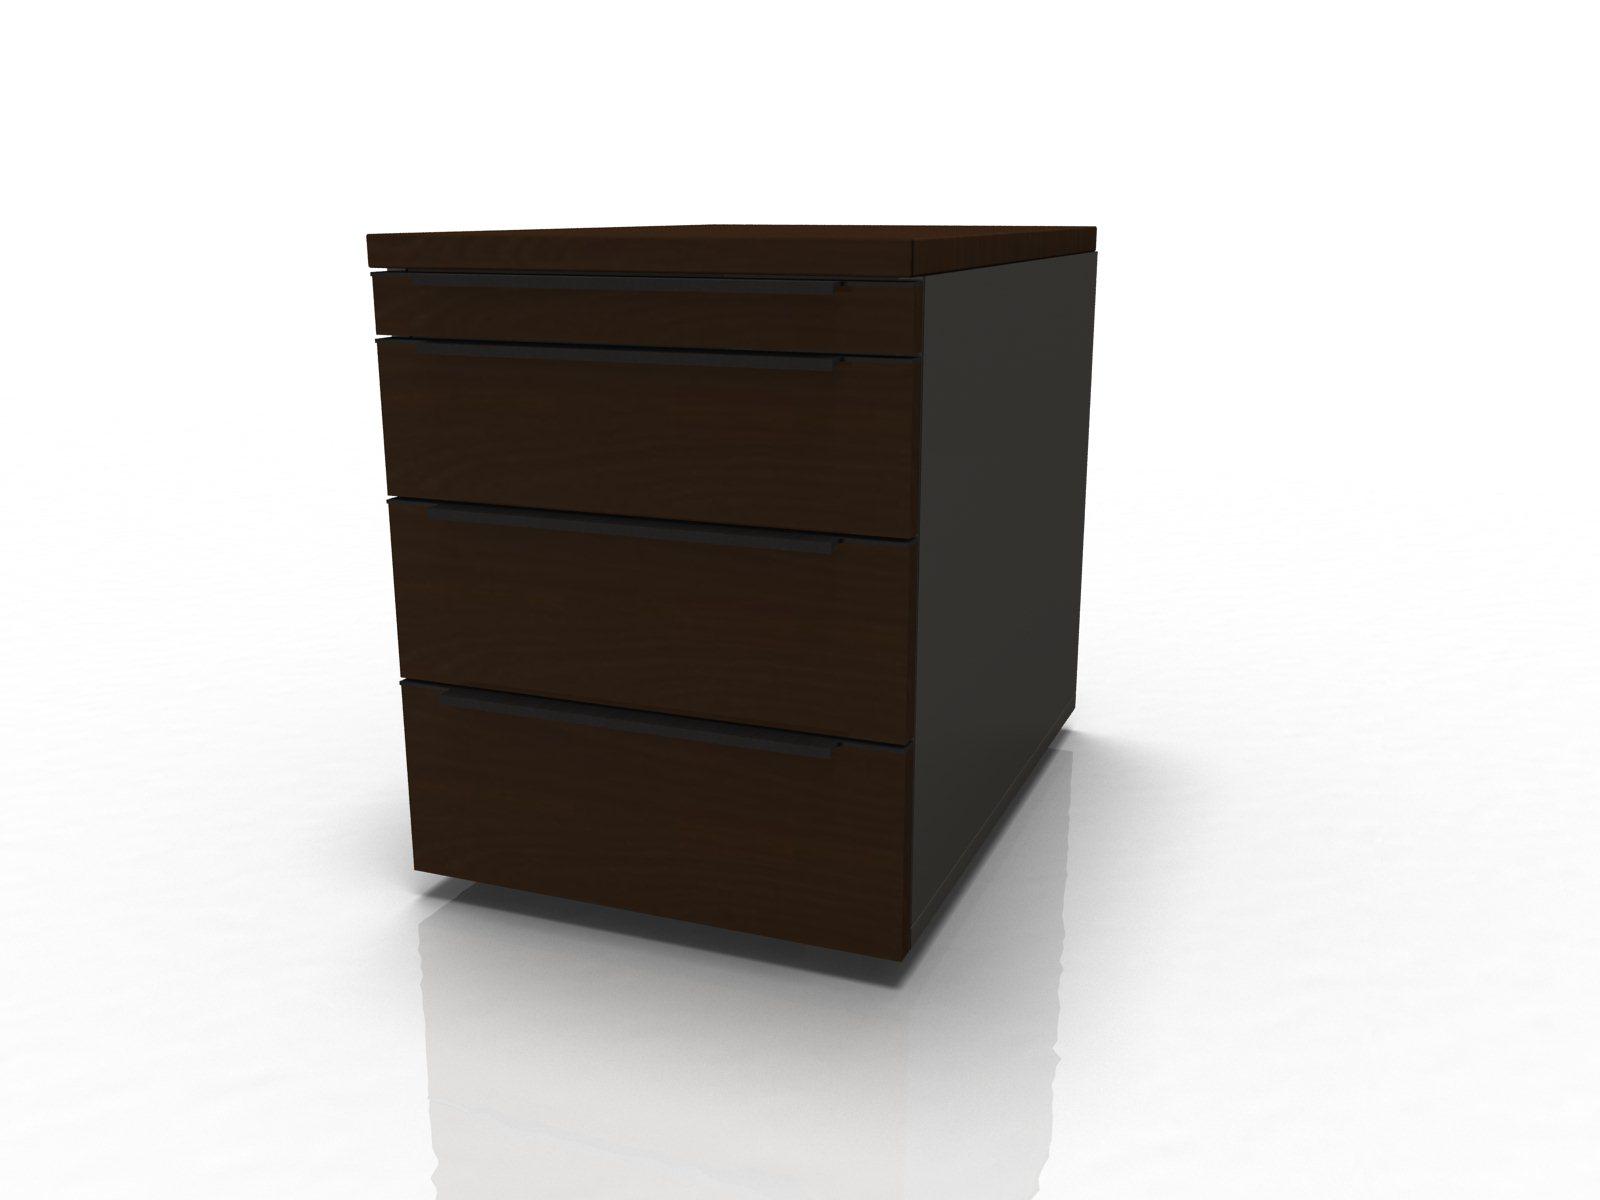 Cassettiera Ufficio In Metallo : Castelli cassettiera ufficio